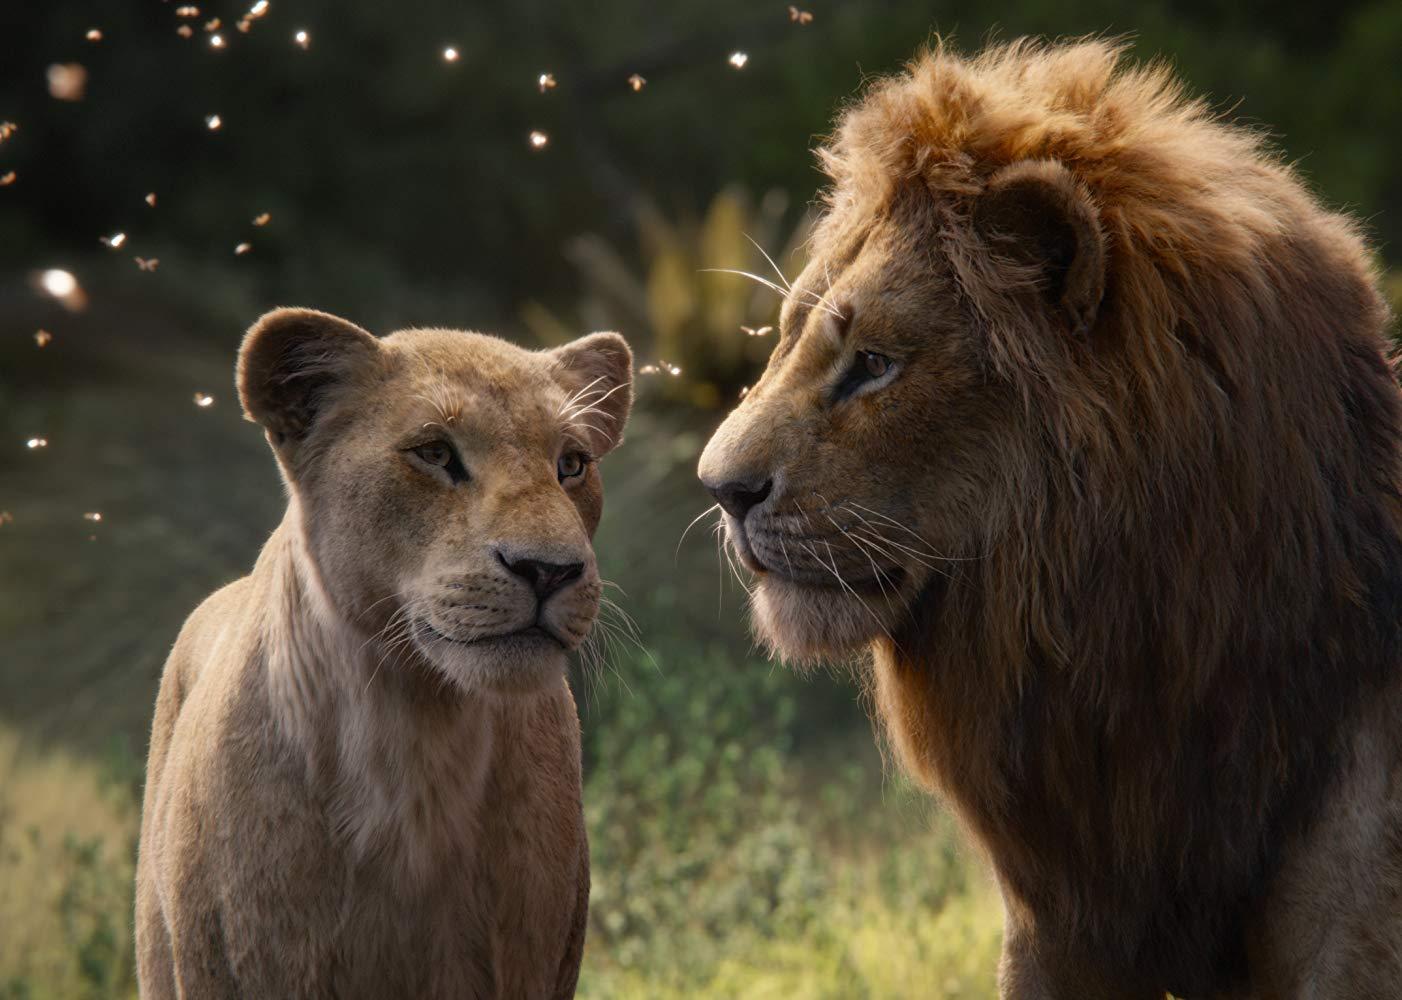 Nala (Beyoncé) und Simba (Donald Glover) stehen auf einer Wiese und schauen sich an